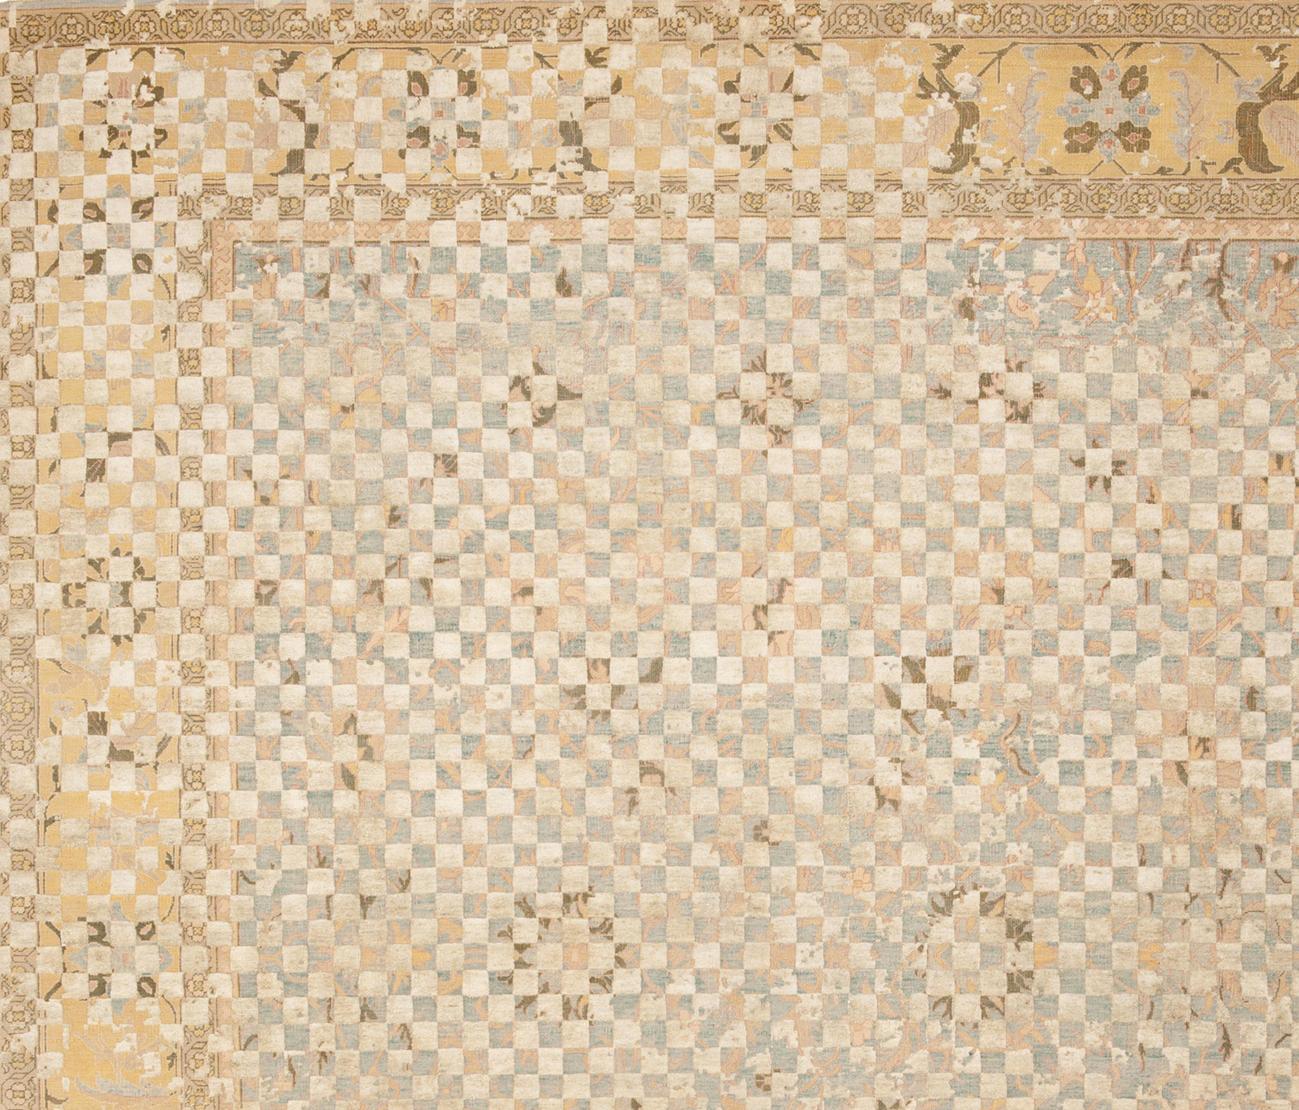 erased heritage ziegler prince checker raved formatteppiche designerteppiche von jan kath. Black Bedroom Furniture Sets. Home Design Ideas